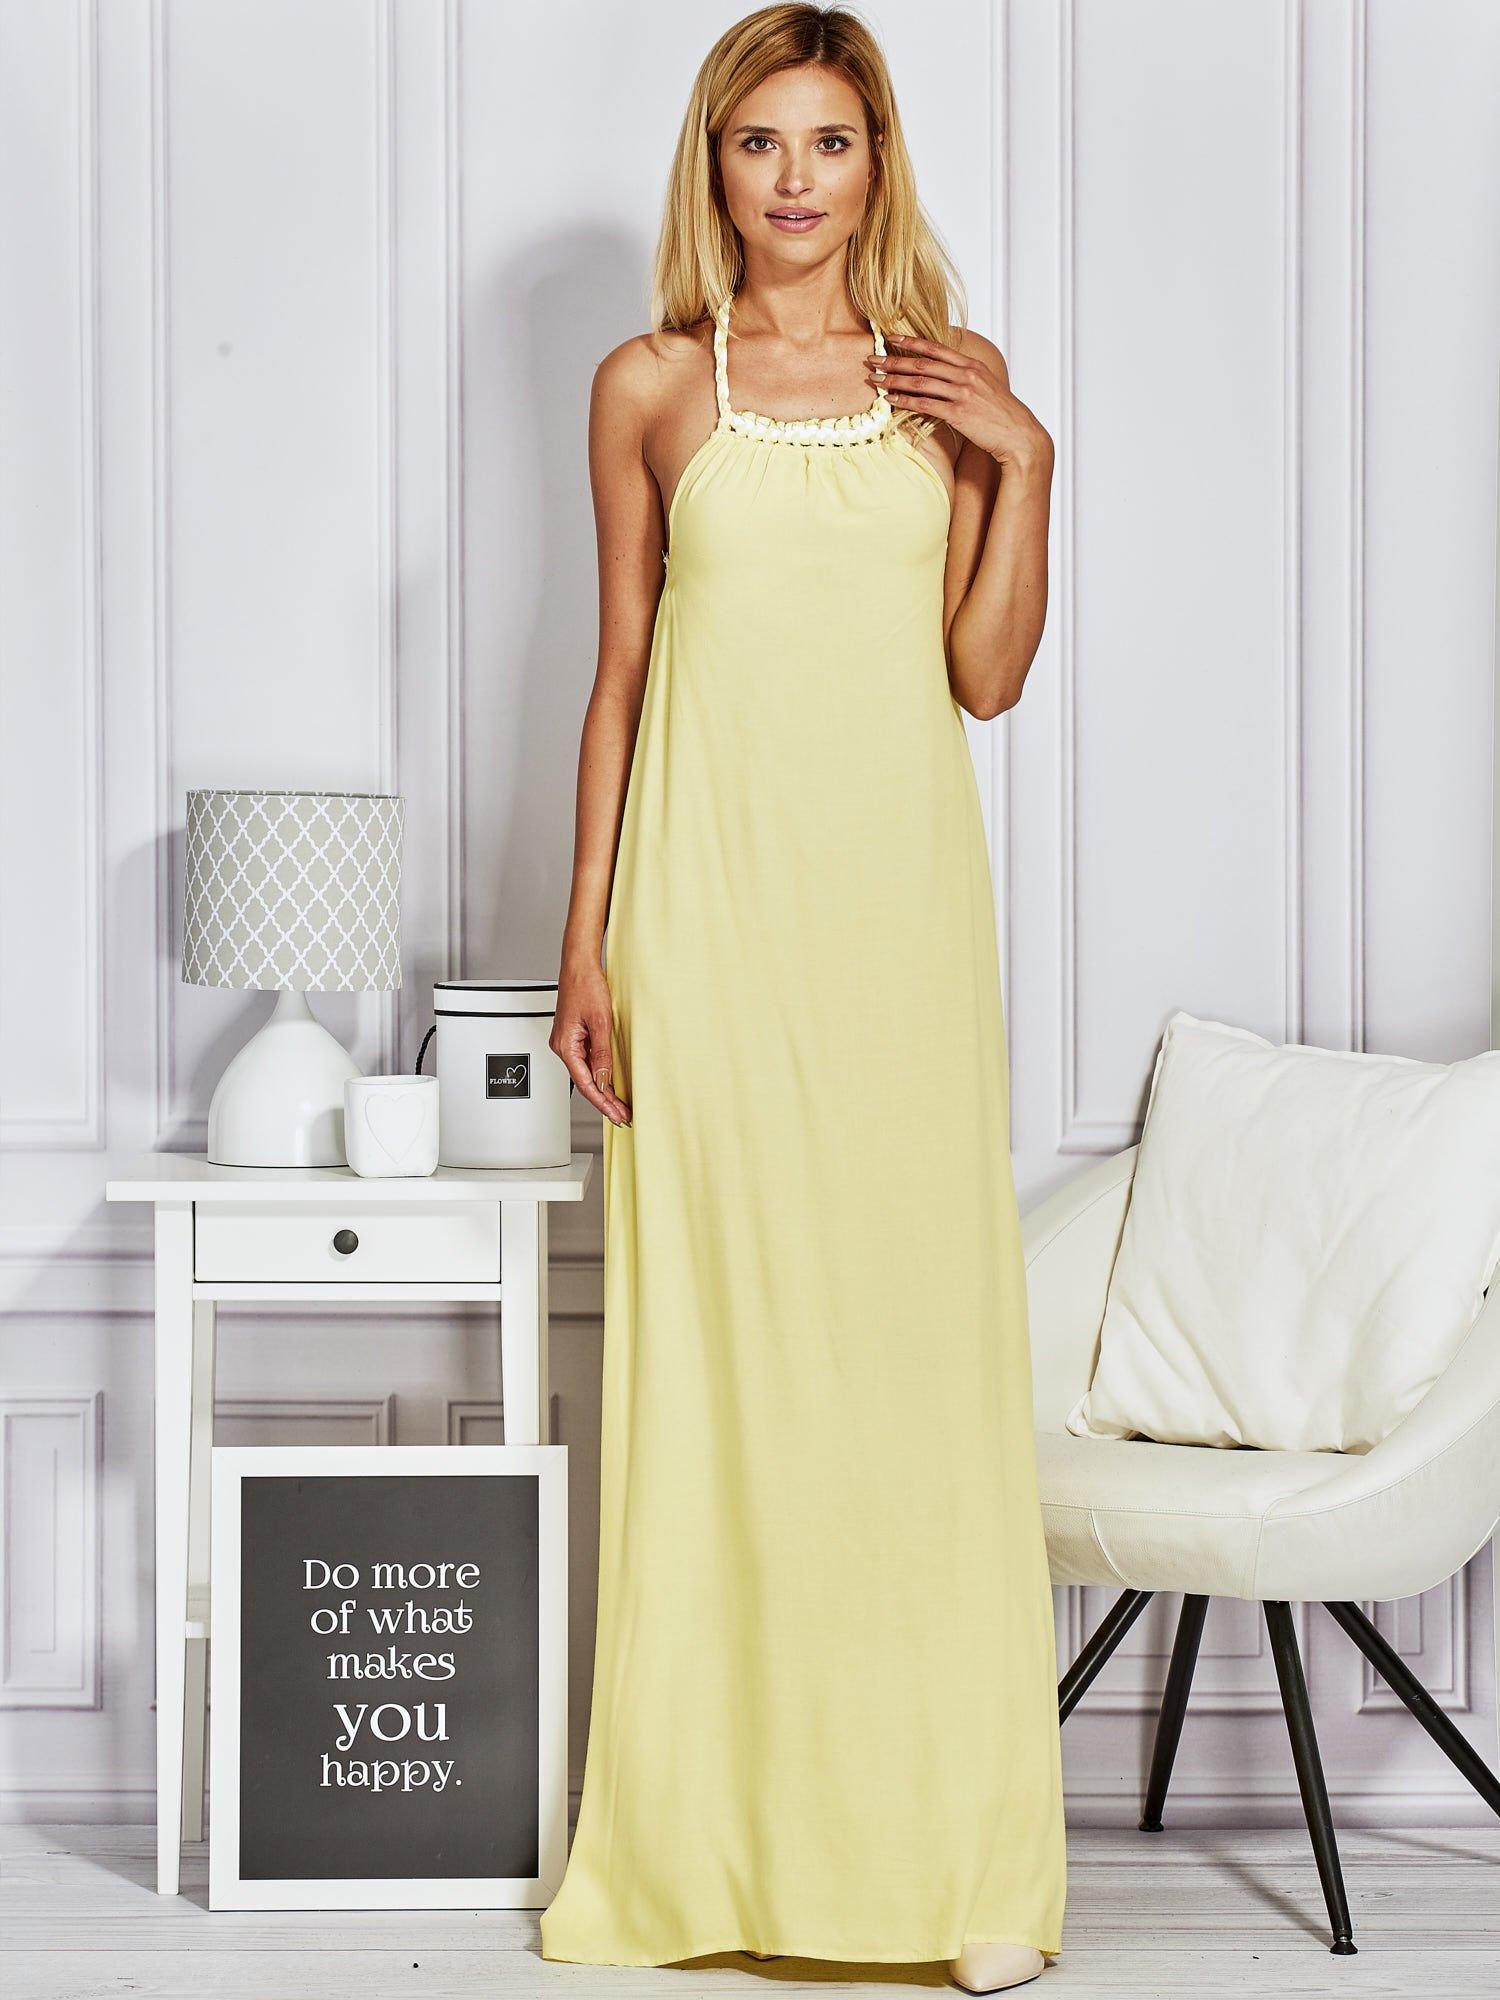 667e187625 Żółta sukienka maxi z wiązaniem na szyi - Sukienka na wesele - sklep ...